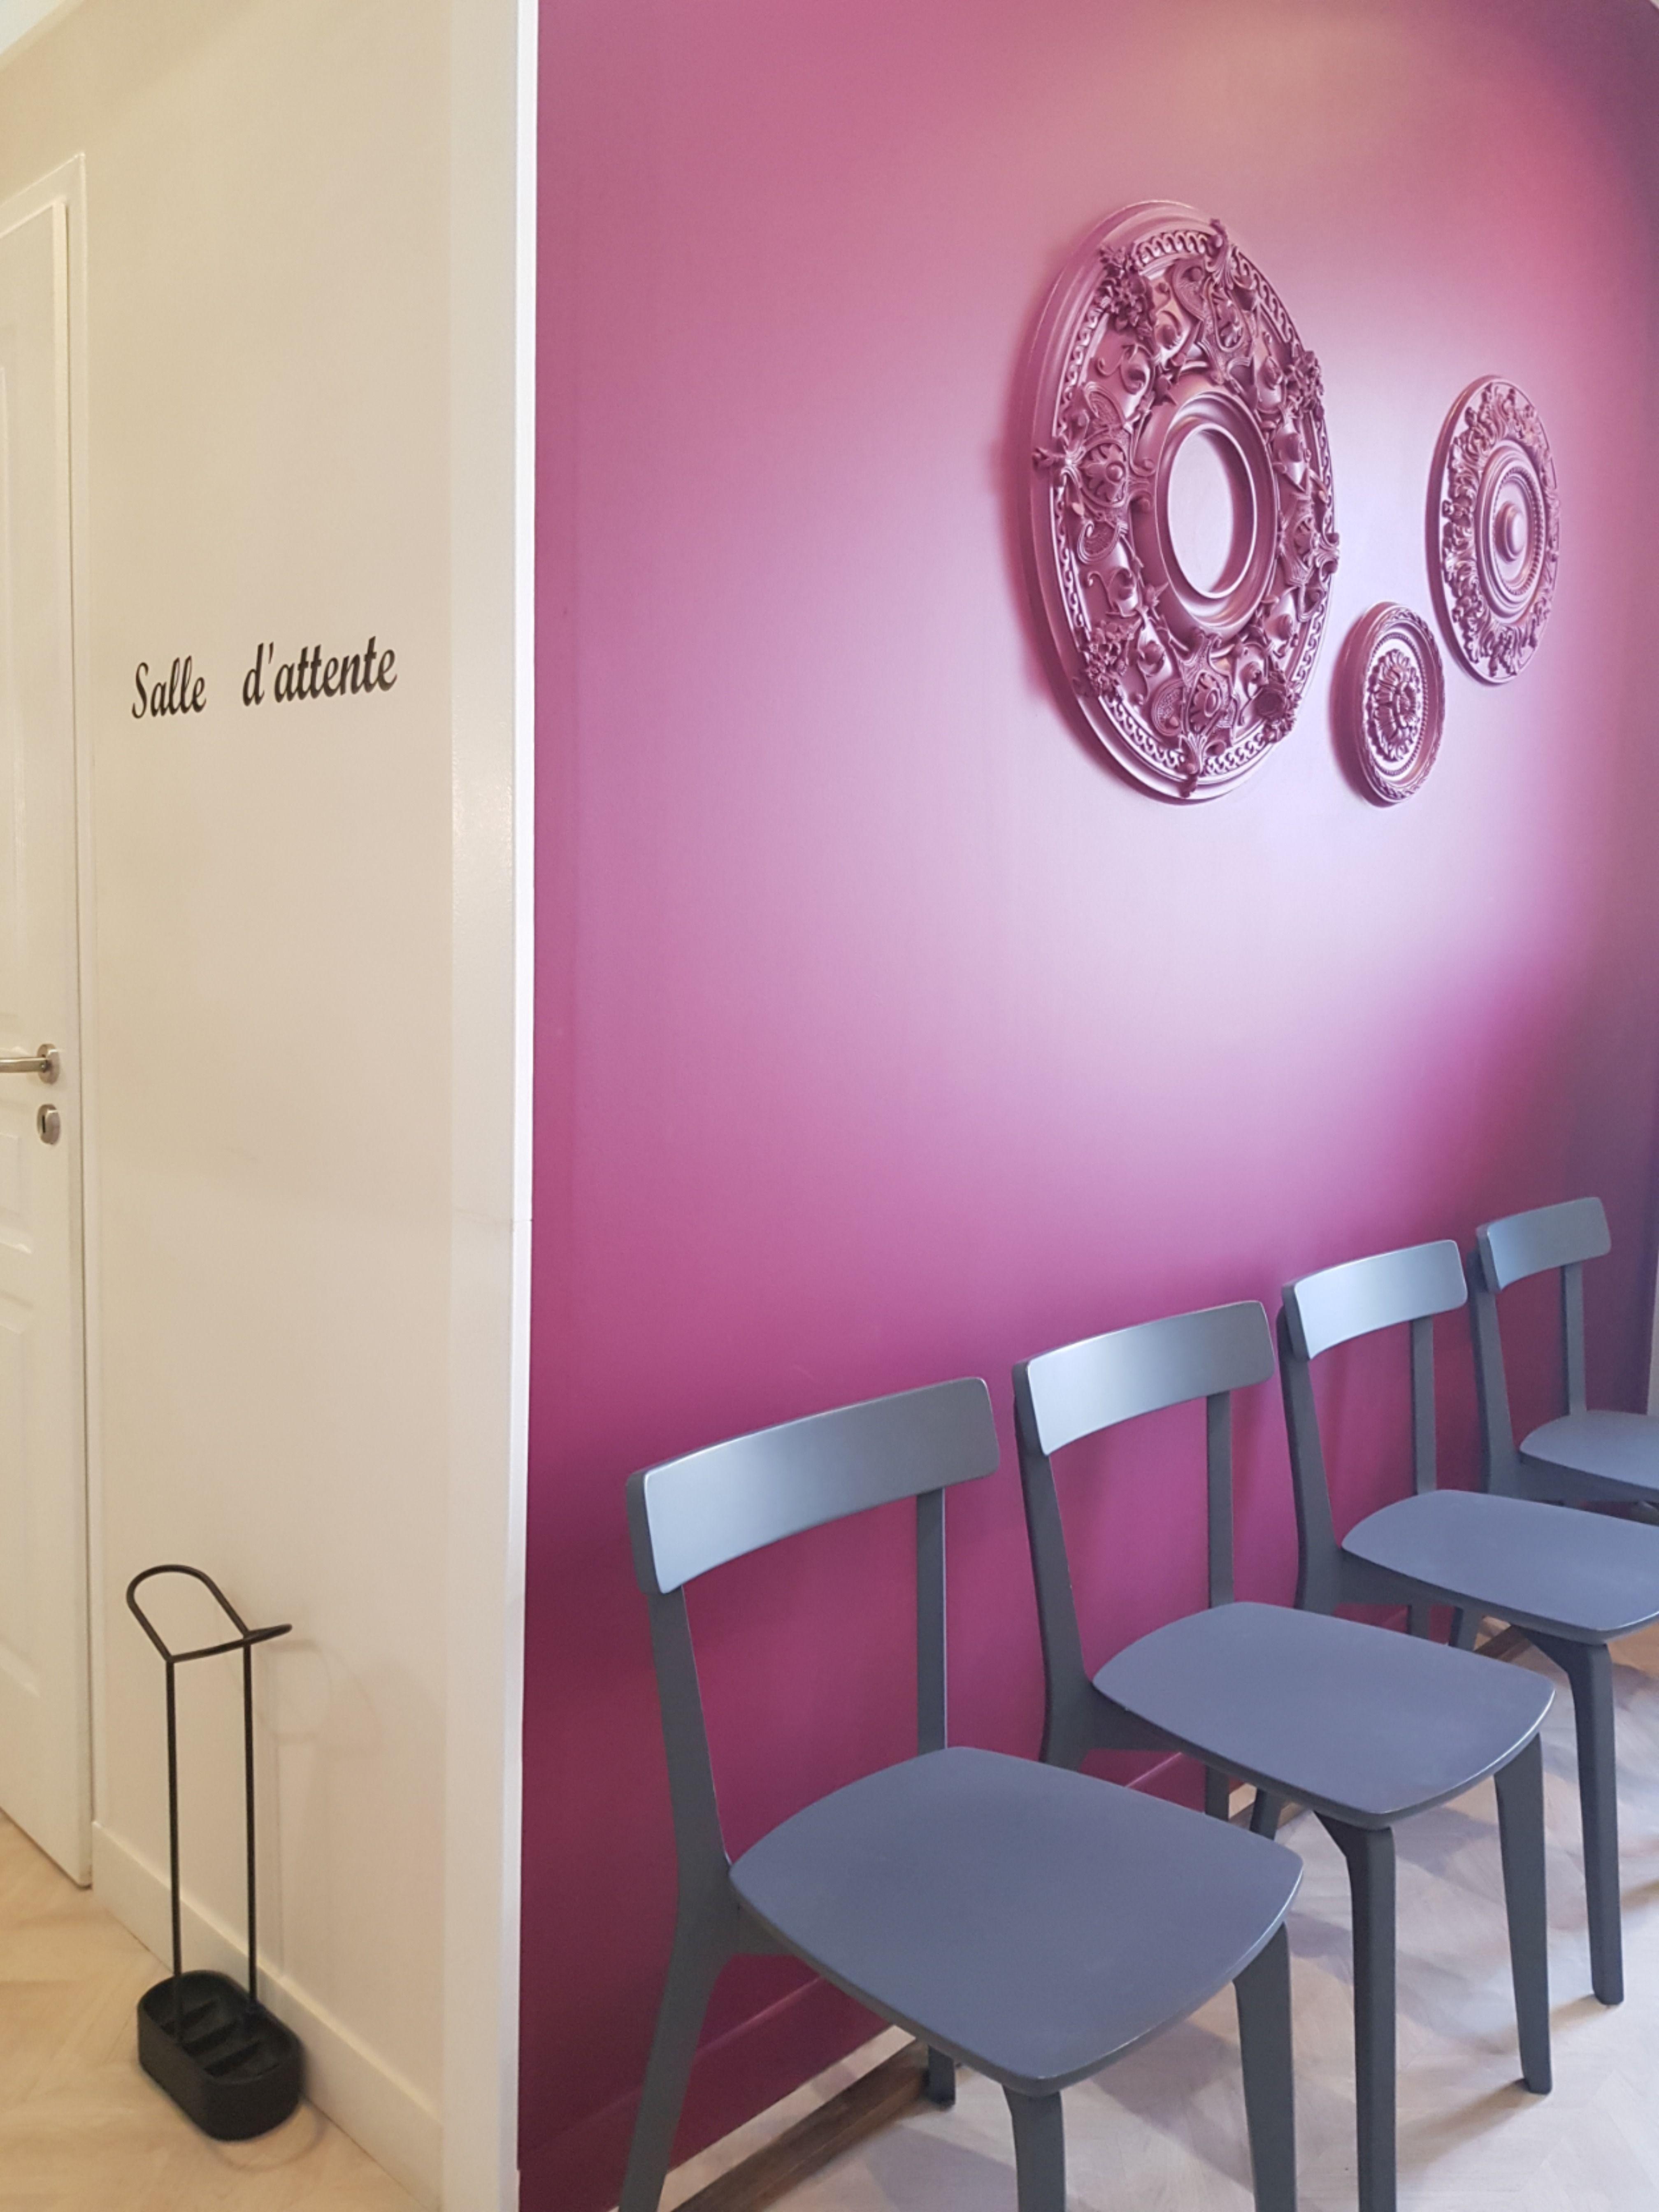 Chaises Salle D Attente Cabinet Medical Épinglé par claire elodorig sur idée déco cabinet (avec